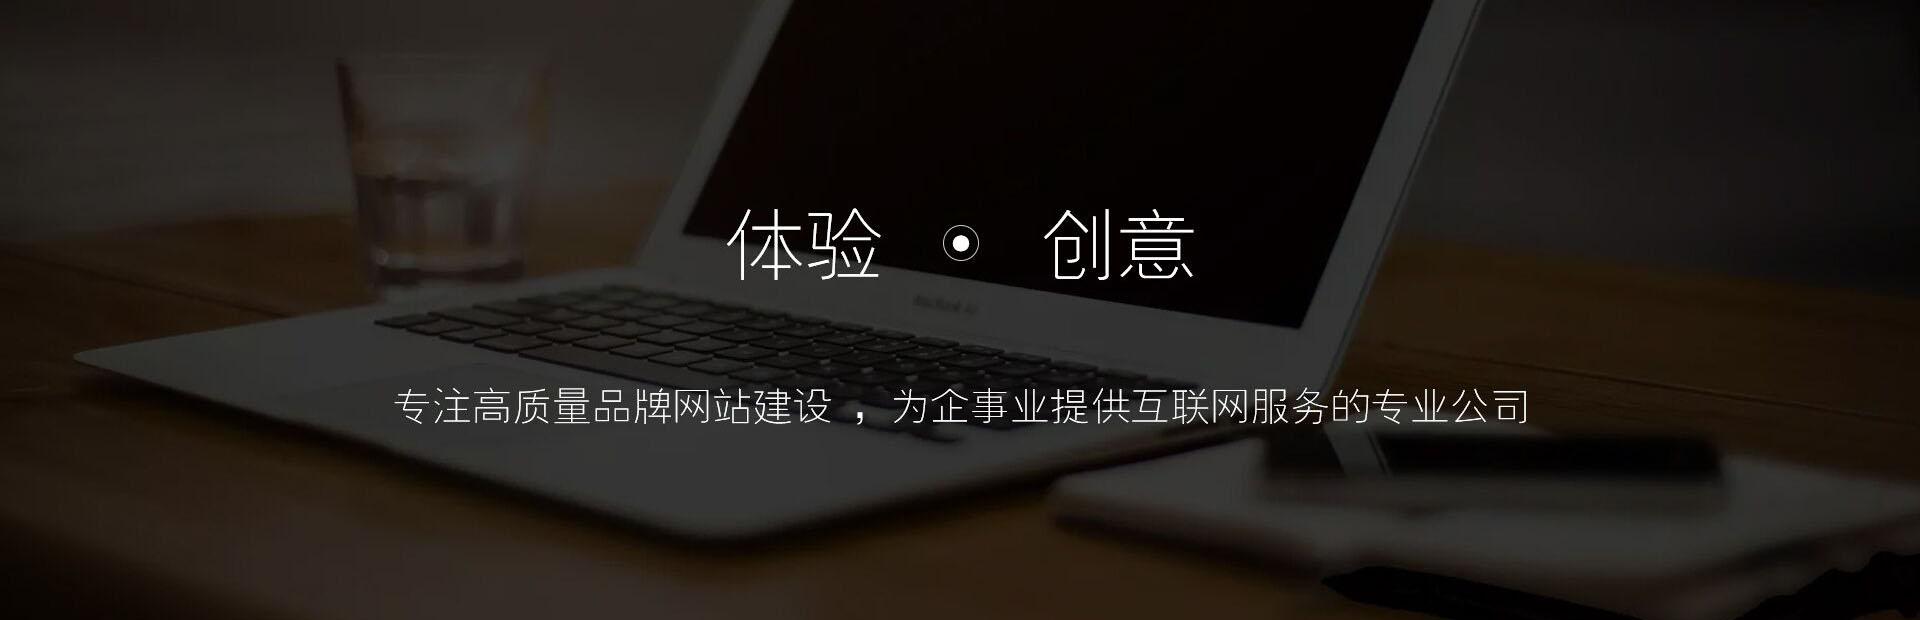 苏州网页设计公司